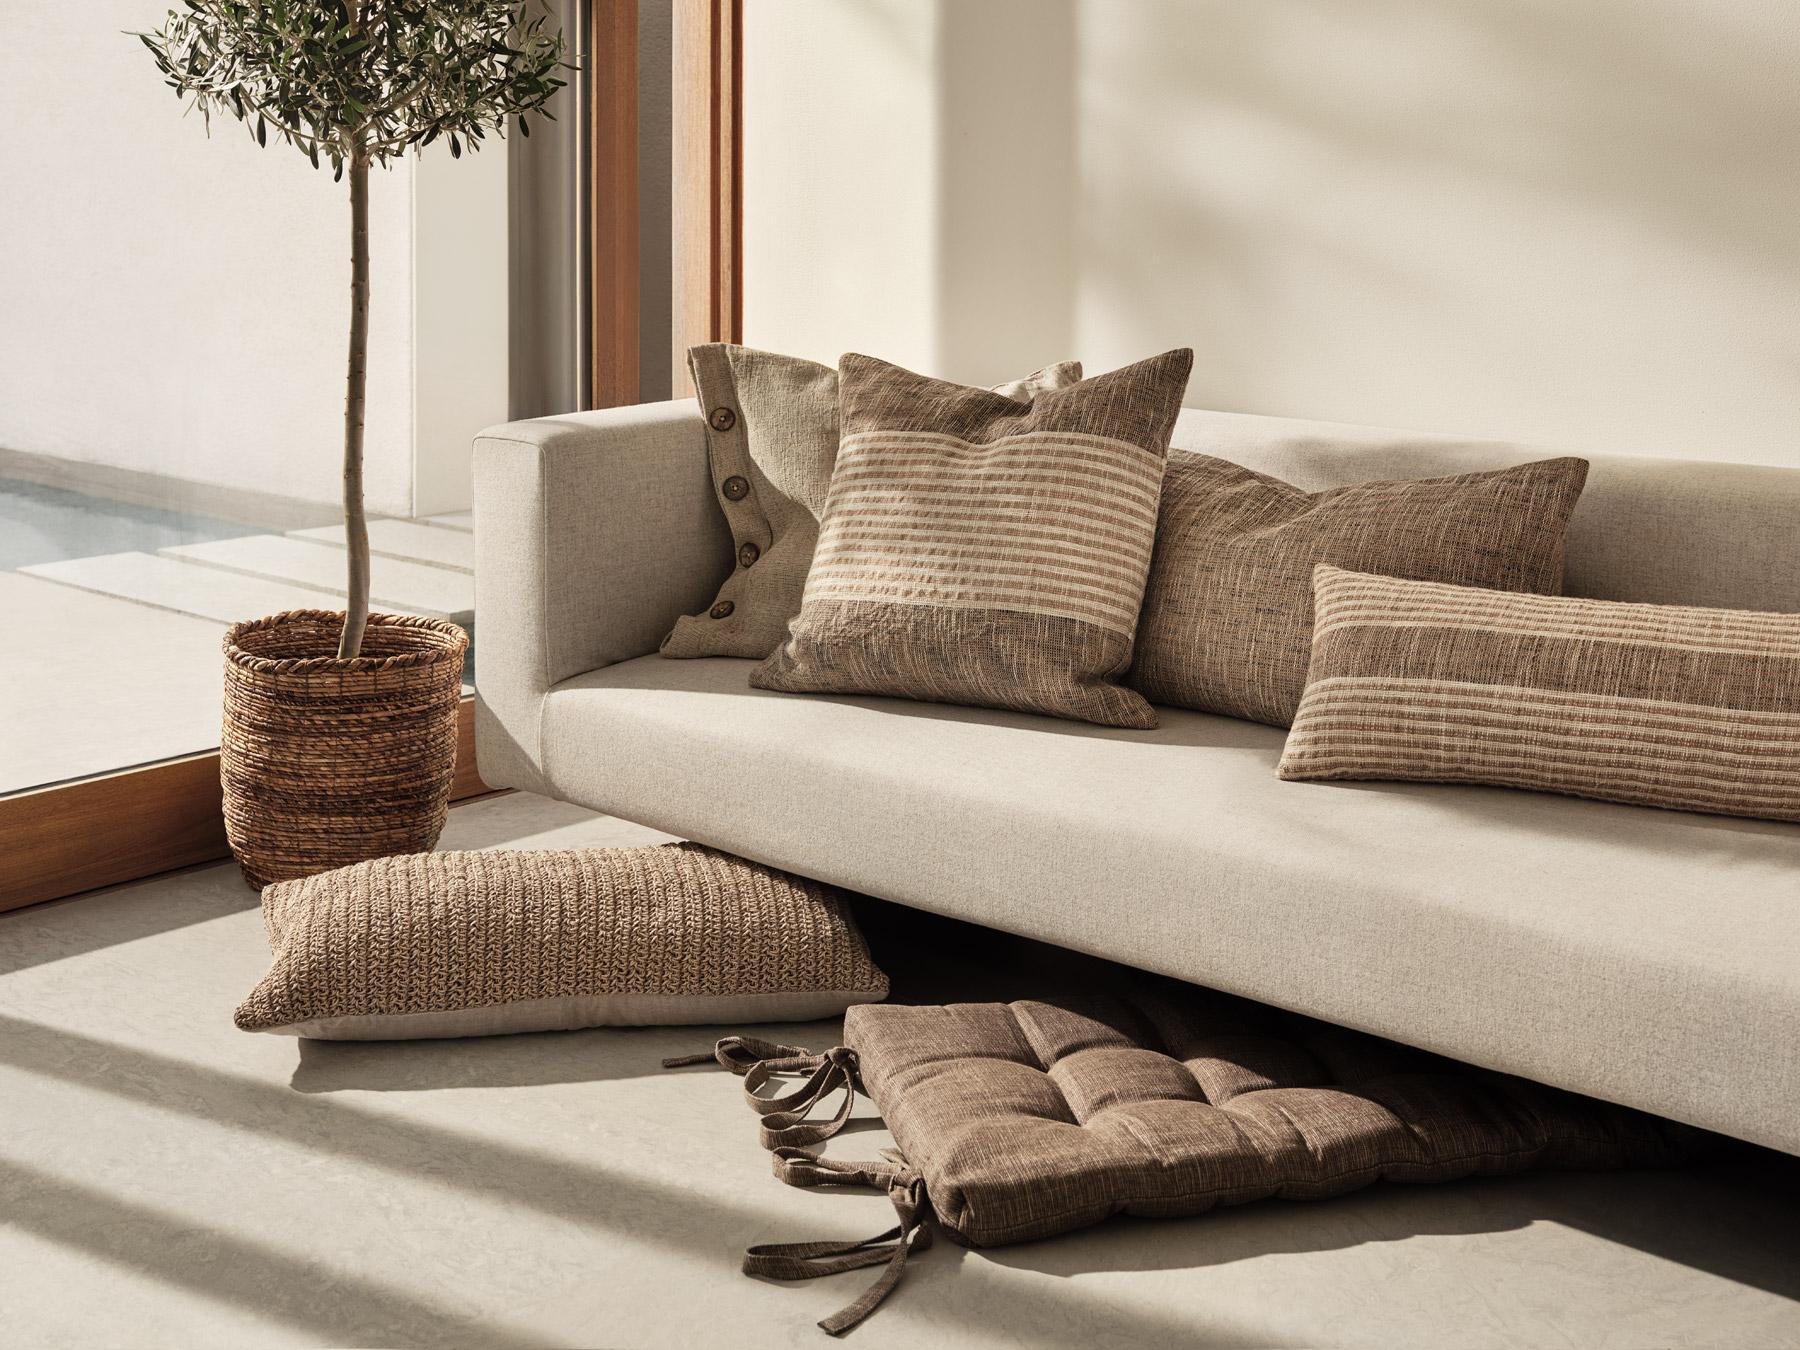 H&M Home - Sommarkampanj